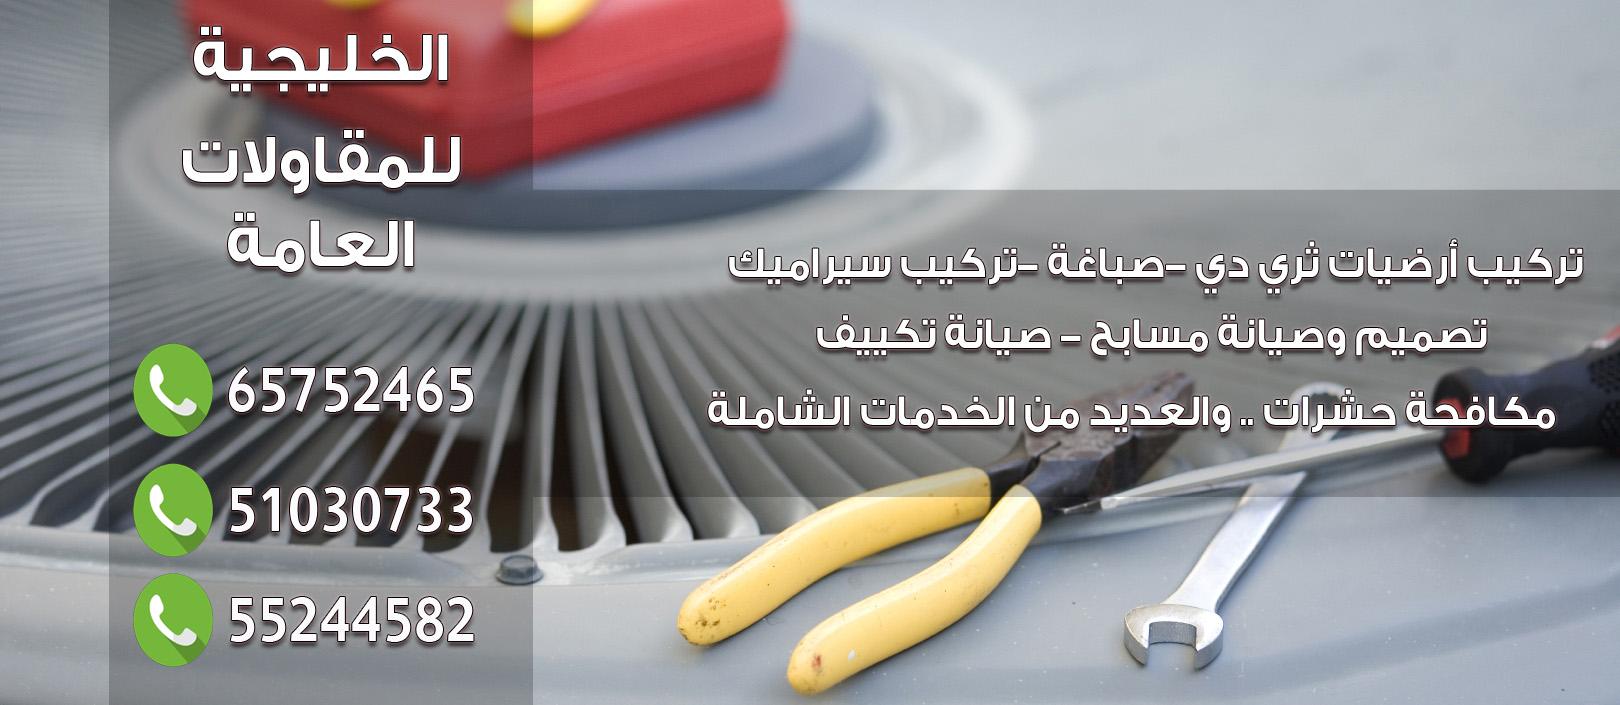 الكويت – 65752465 – 51030733 – 55244582